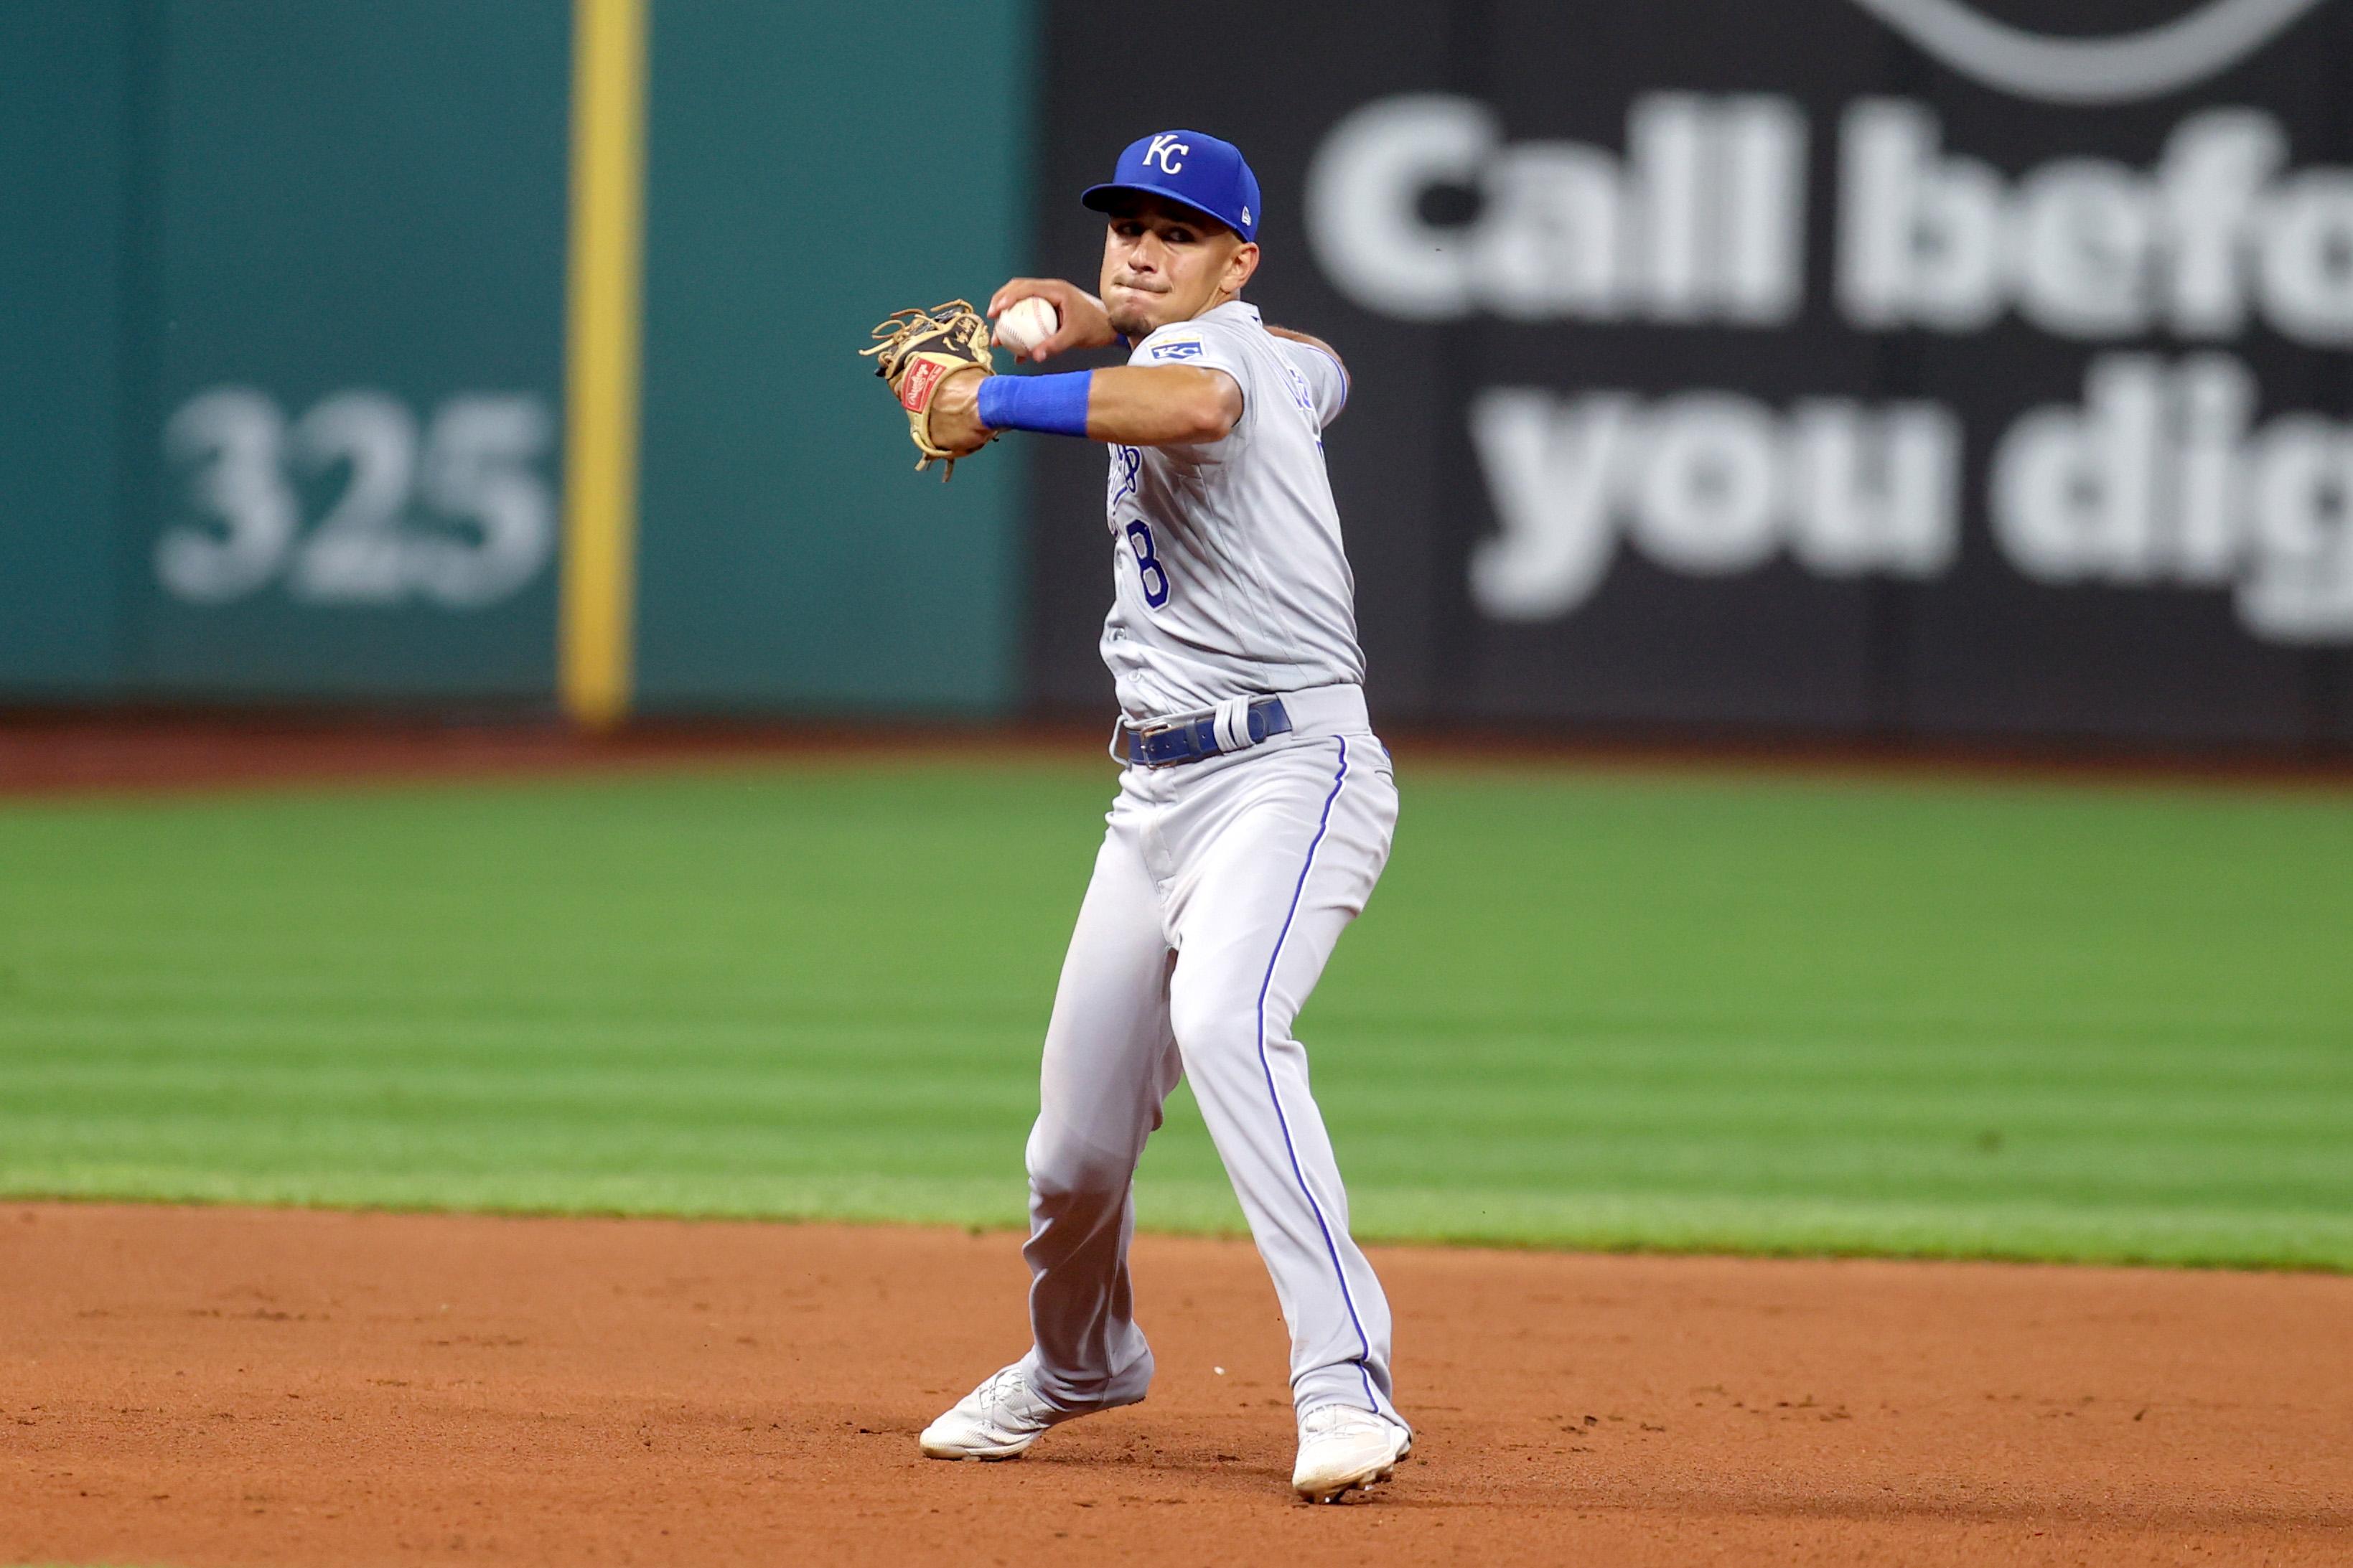 MLB: JUL 08 Royals at Indians